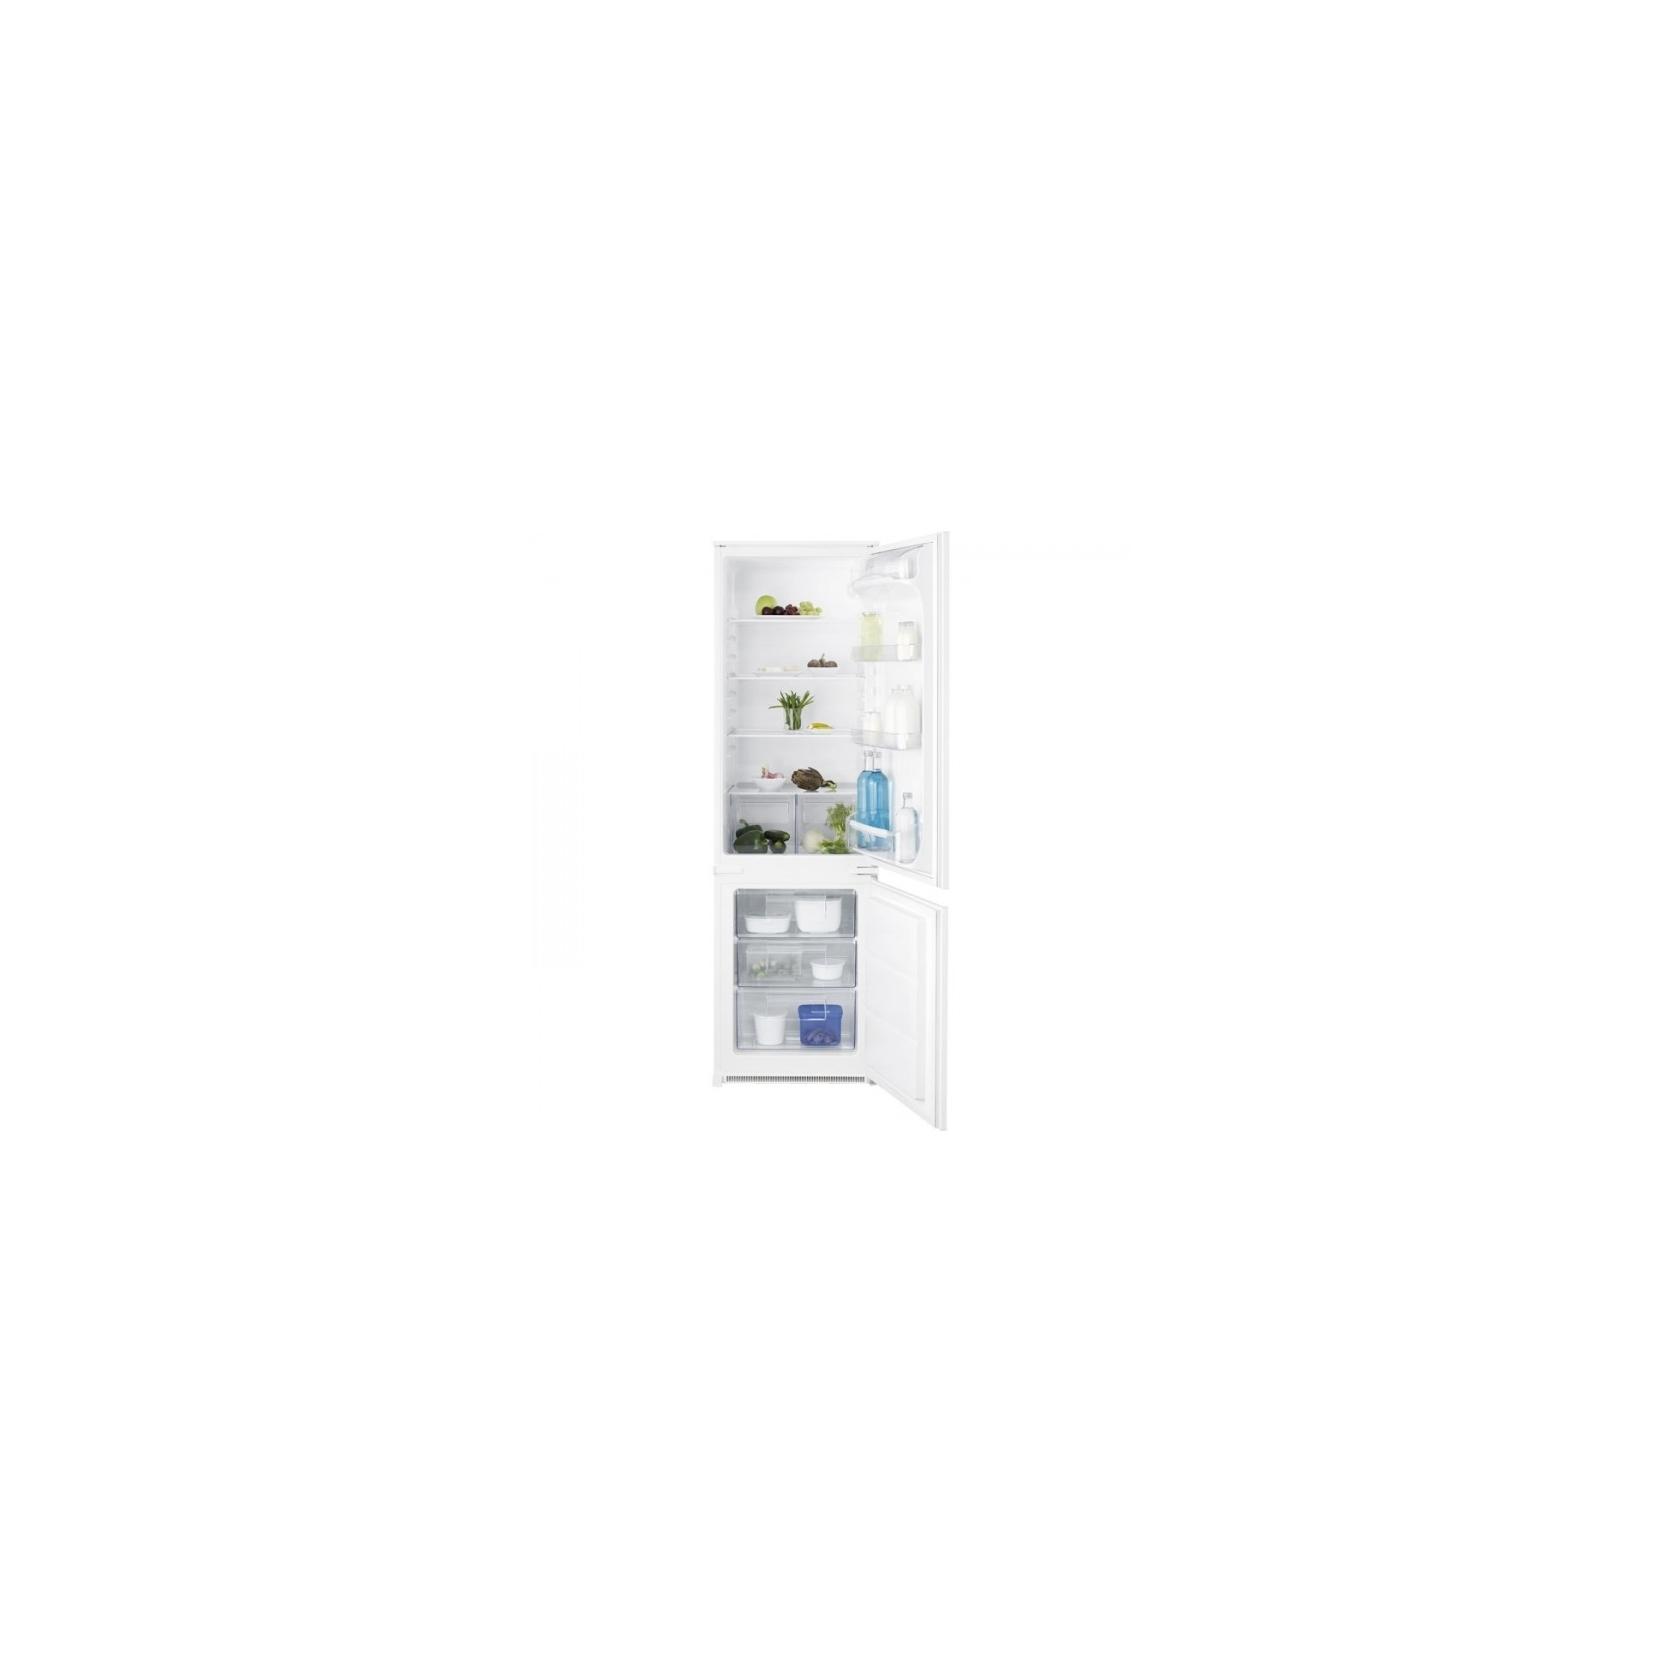 Awesome Frigoriferi Rex Electrolux Gallery - Home Design Ideas ...